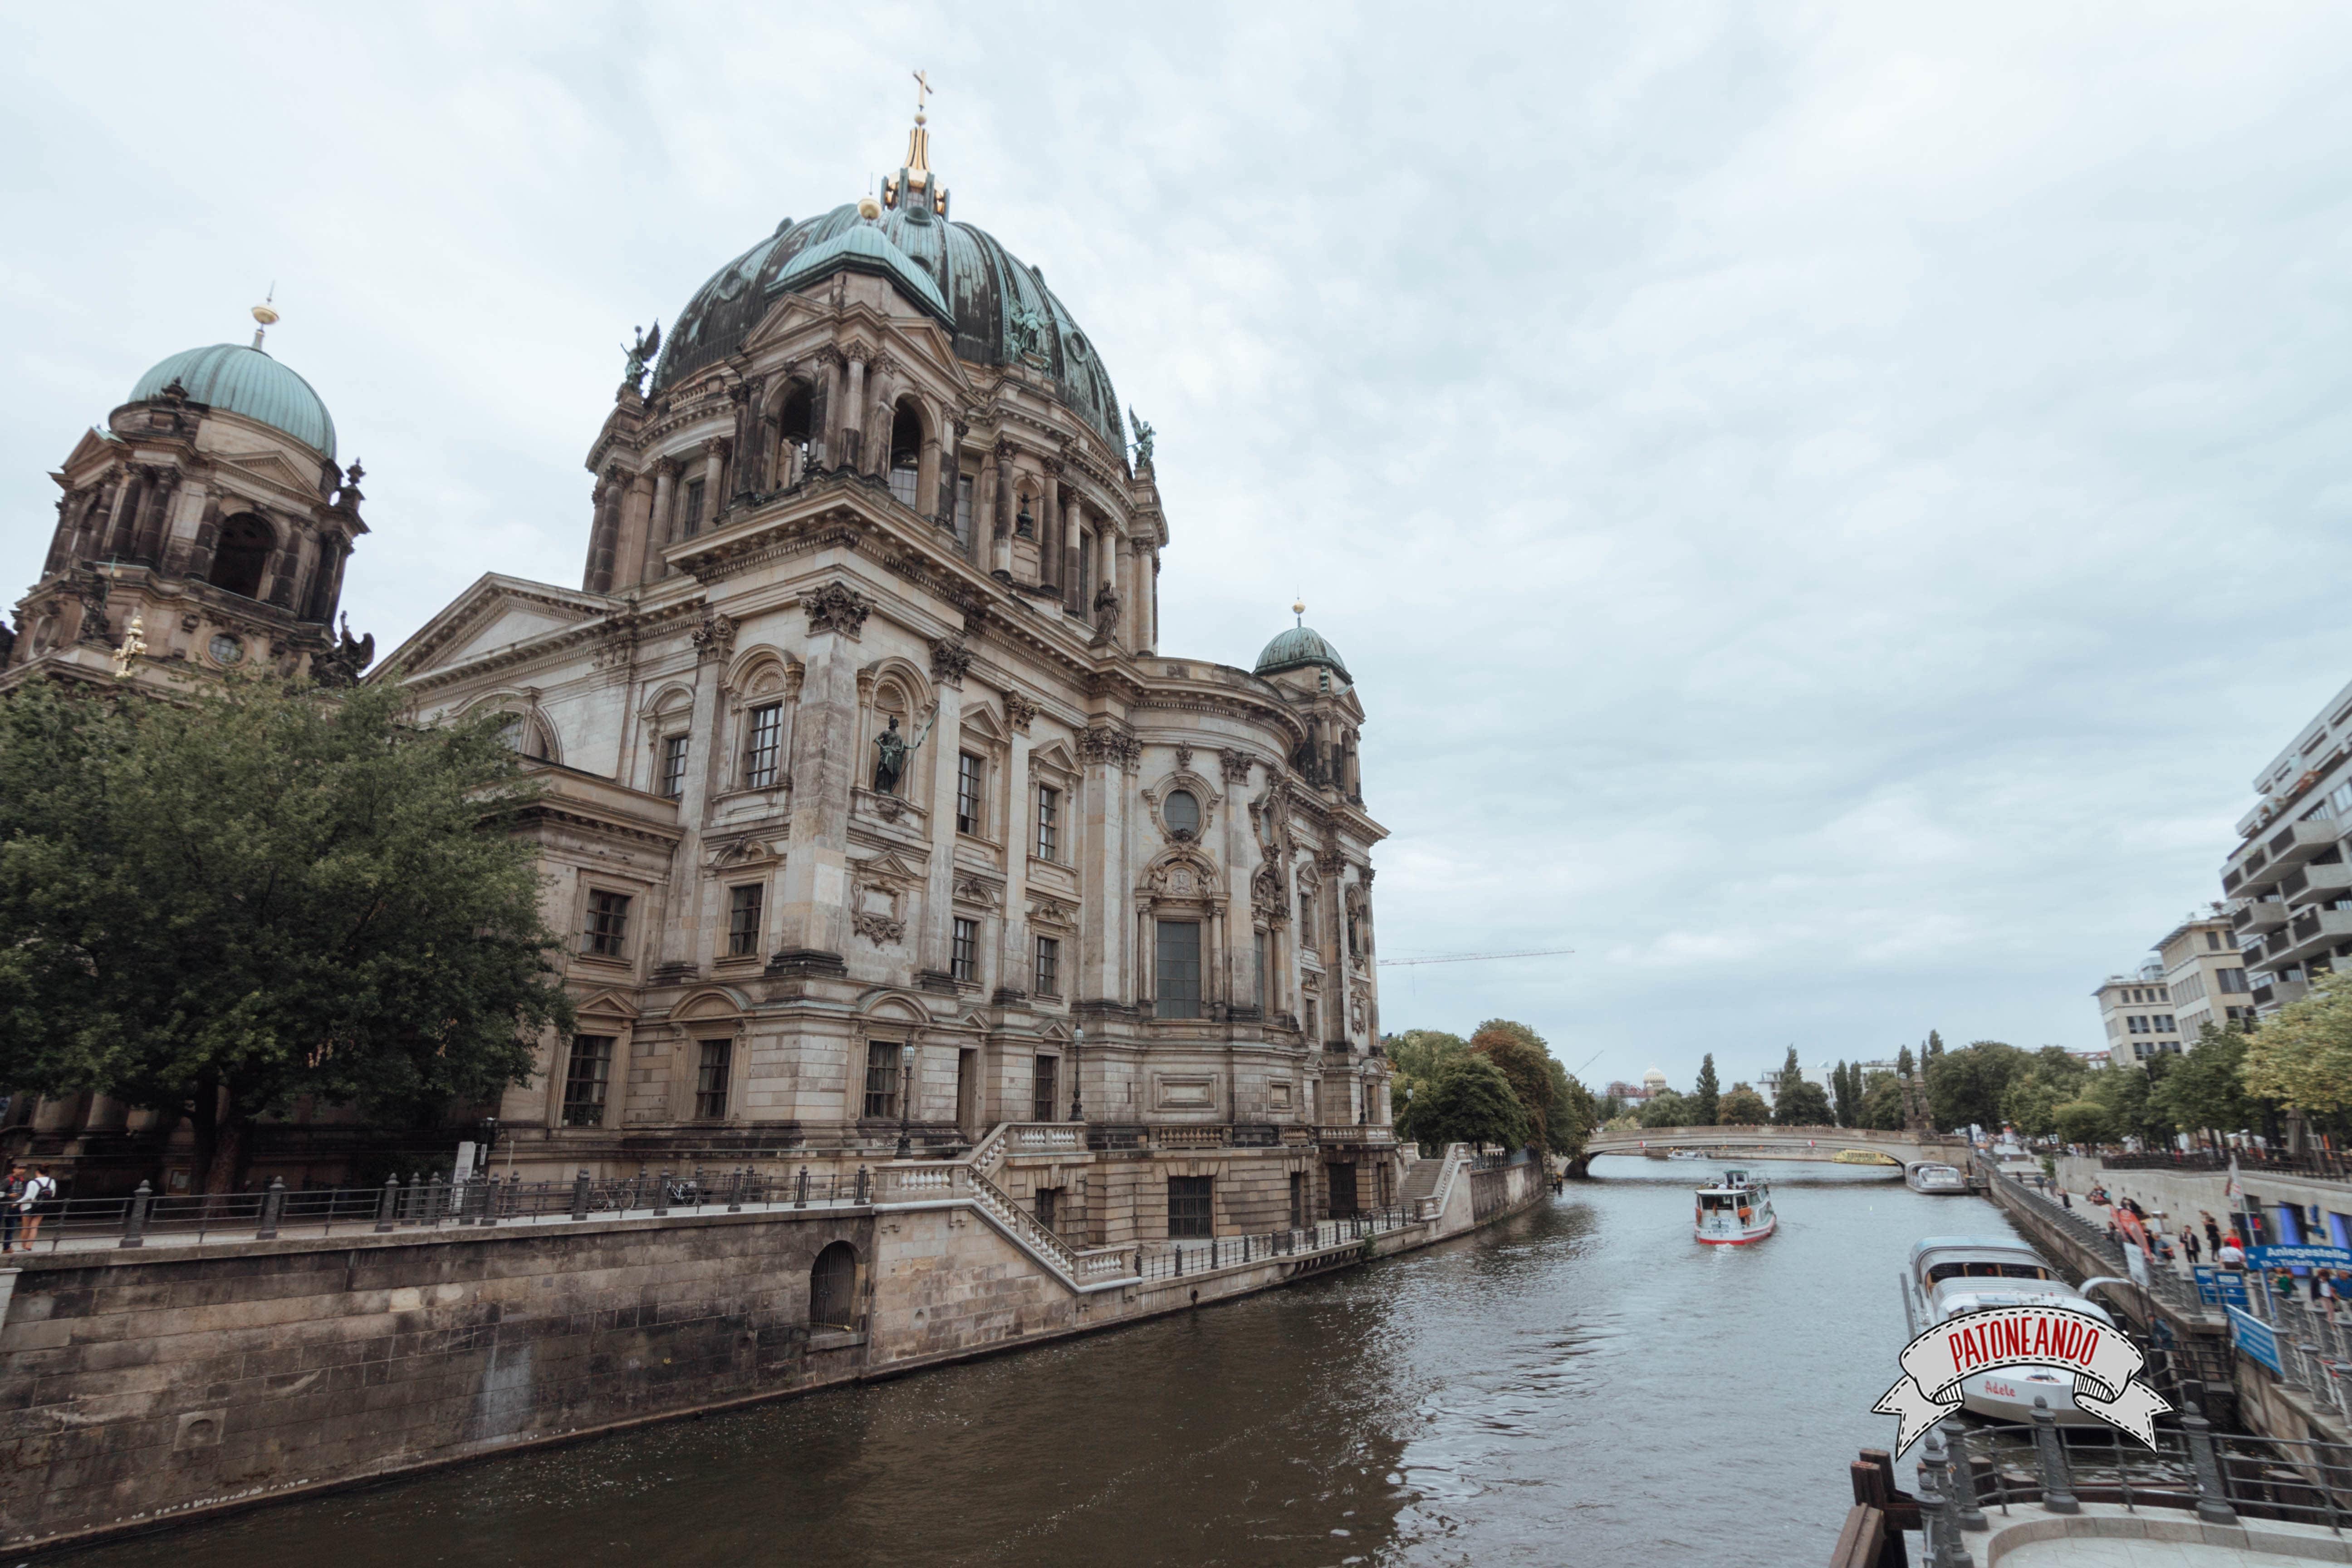 que ver y que hacer en Berlín - Catedral de Berlín , Berliner Dom -Patoneando blog de viajes (11)